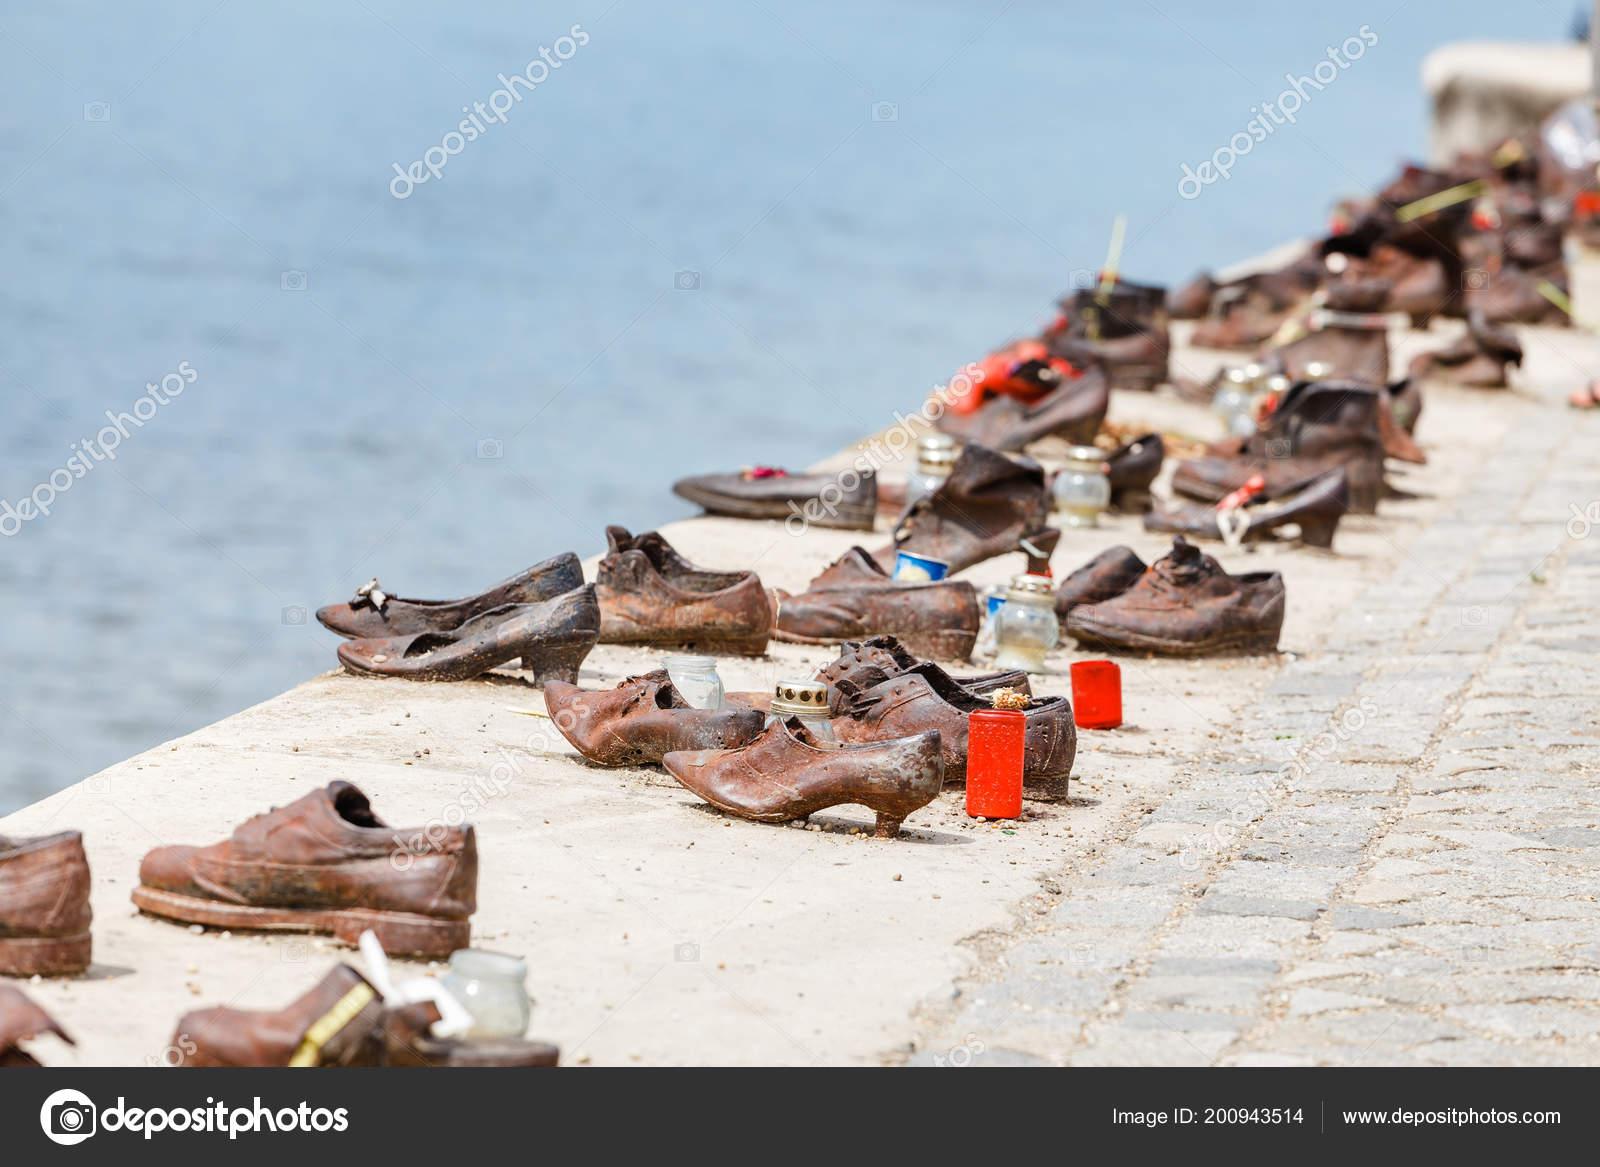 Eiserne Schuhe Denkmal Fur Judische Menschen Wahrend Des Holocaust